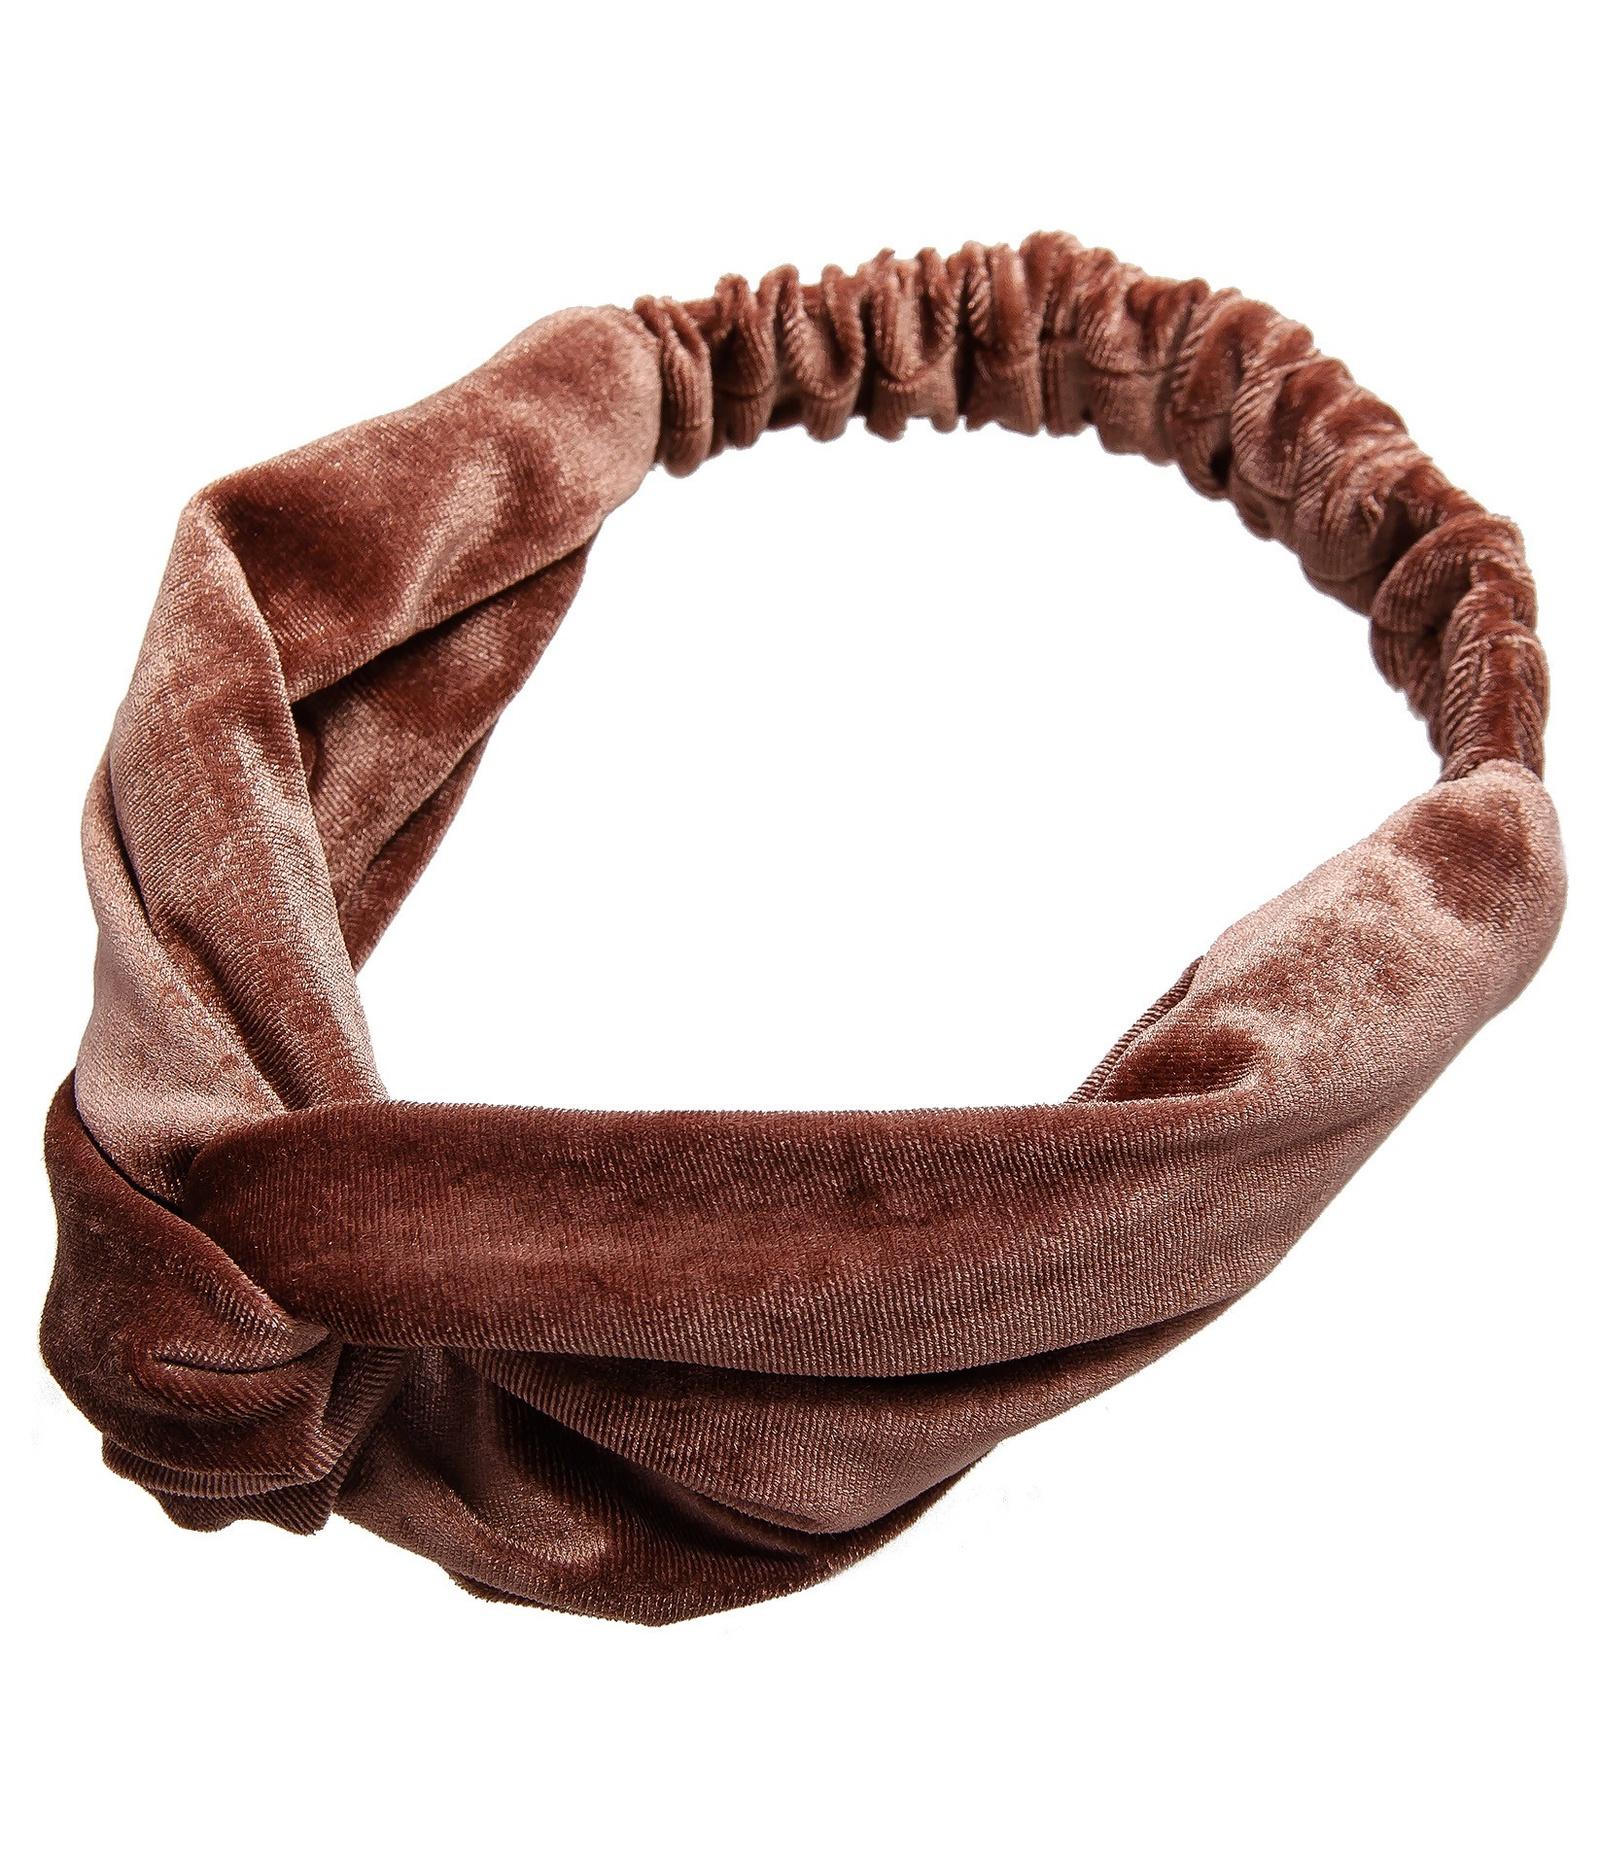 Повязка Aiyony Macie, коричневый, 52 х 7 см, AH810067AH810067Размер 52 х 7 см. Растягивается. Состав: текстиль